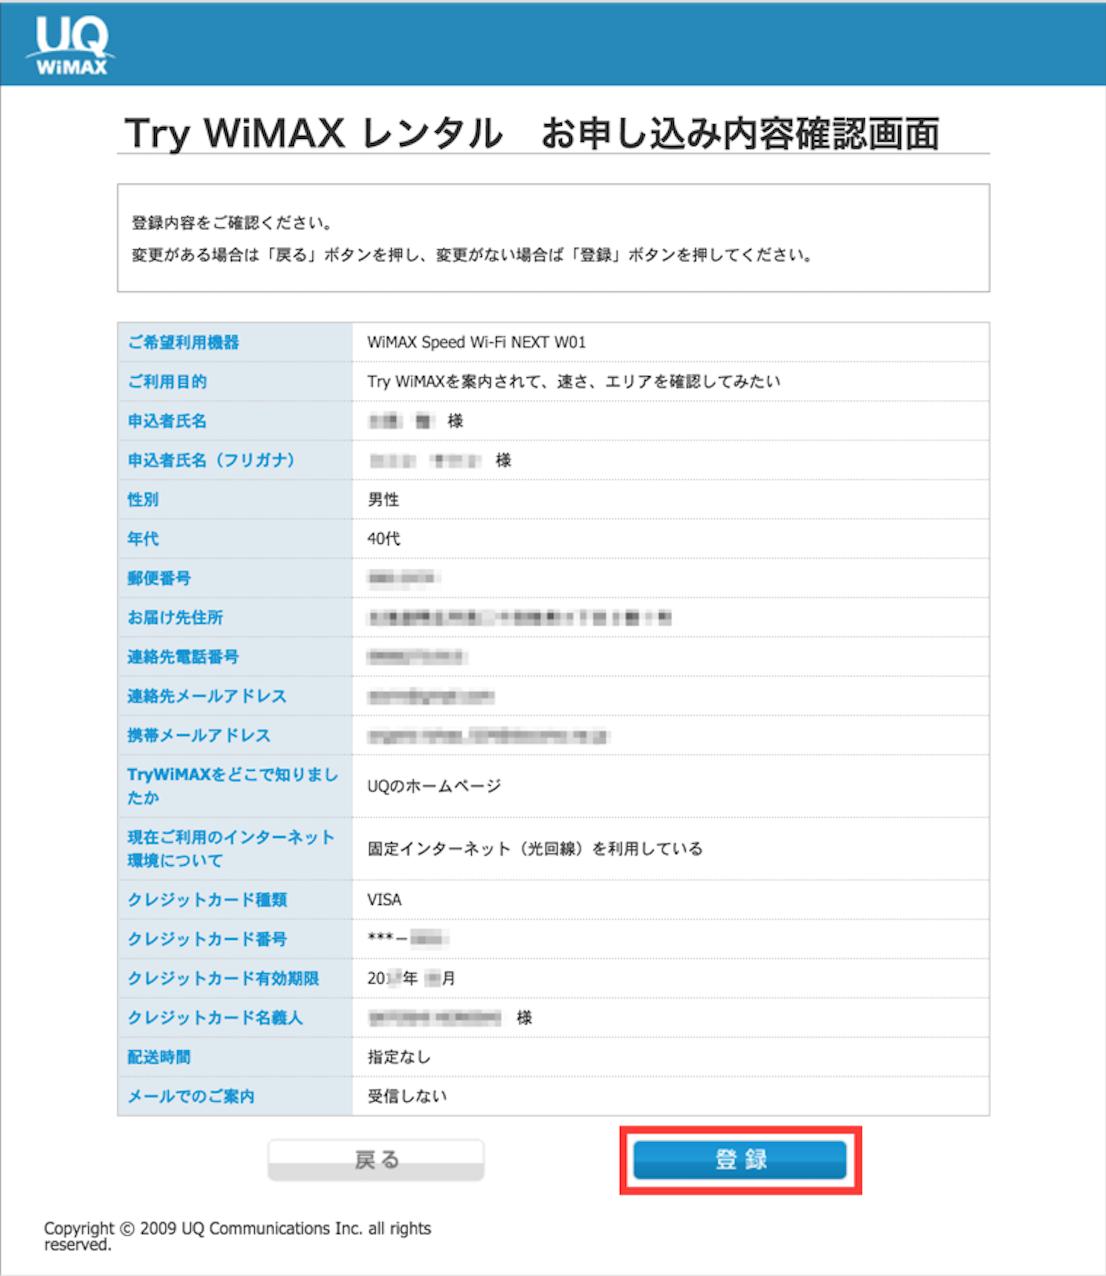 WiMAX レンタル お試し 申し込み確認2